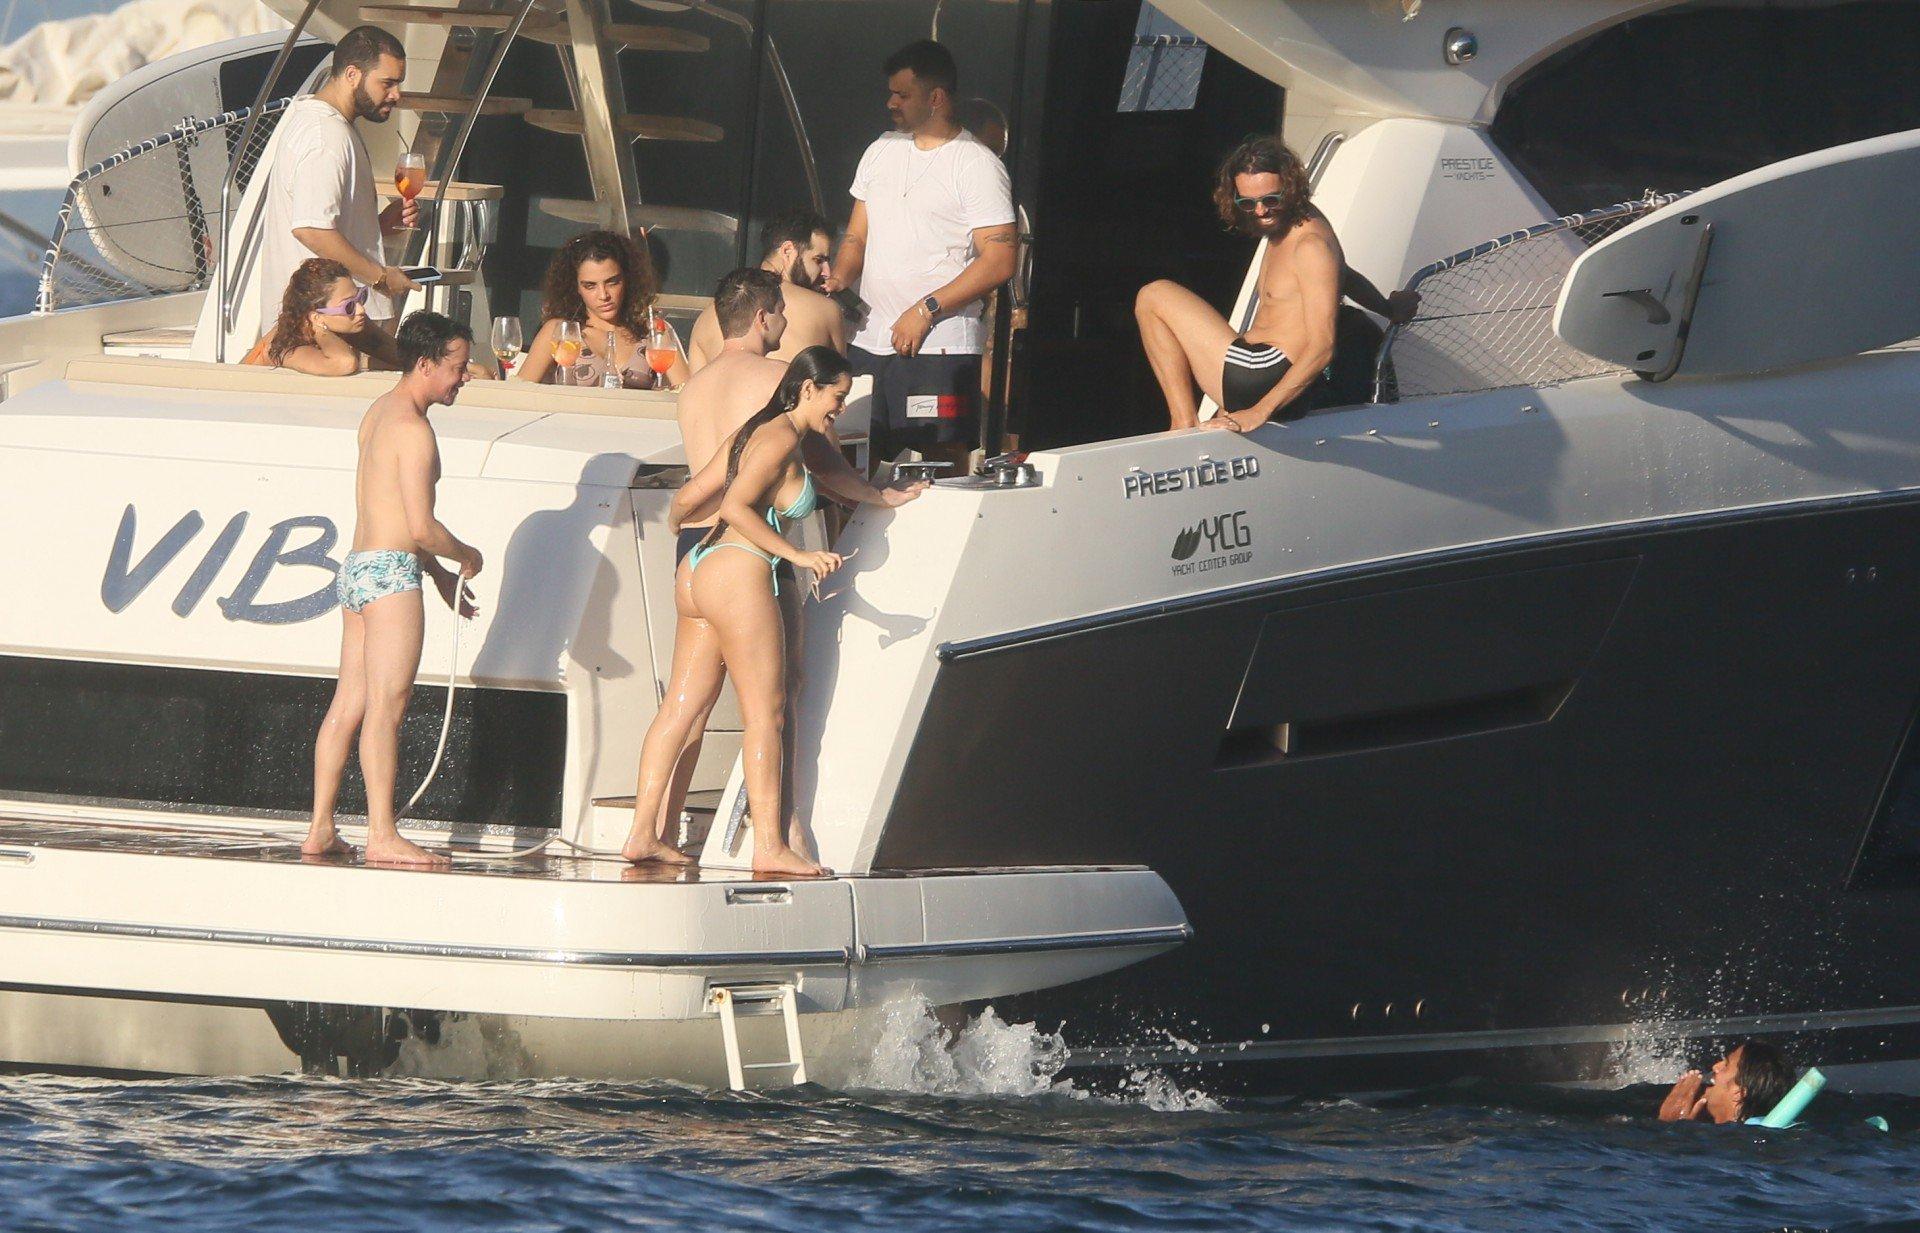 Juliette é flagrada em clima de intimidade com o ex de Anitta em passeio de barco - Agnews